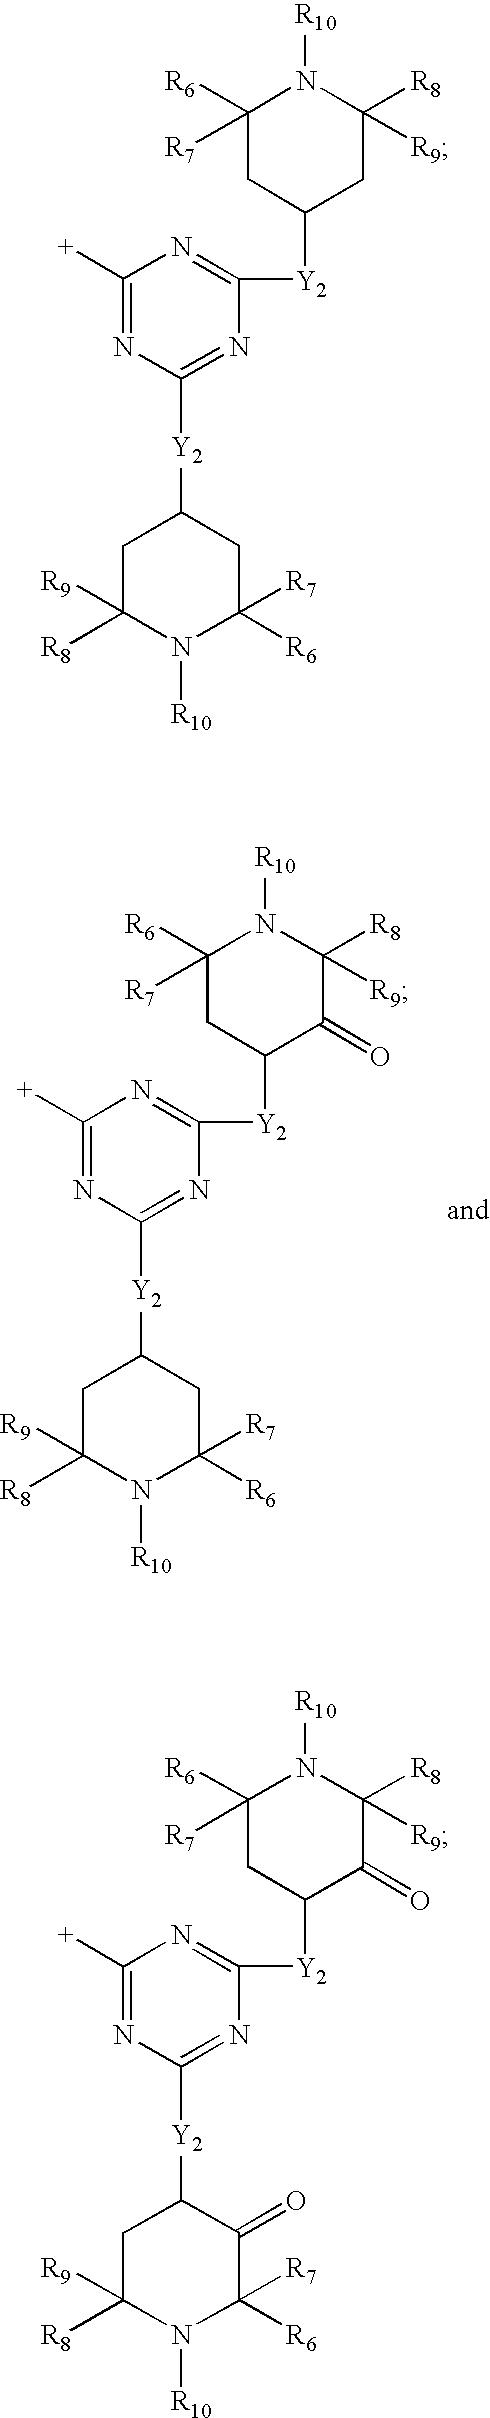 Figure US20050288400A1-20051229-C00006